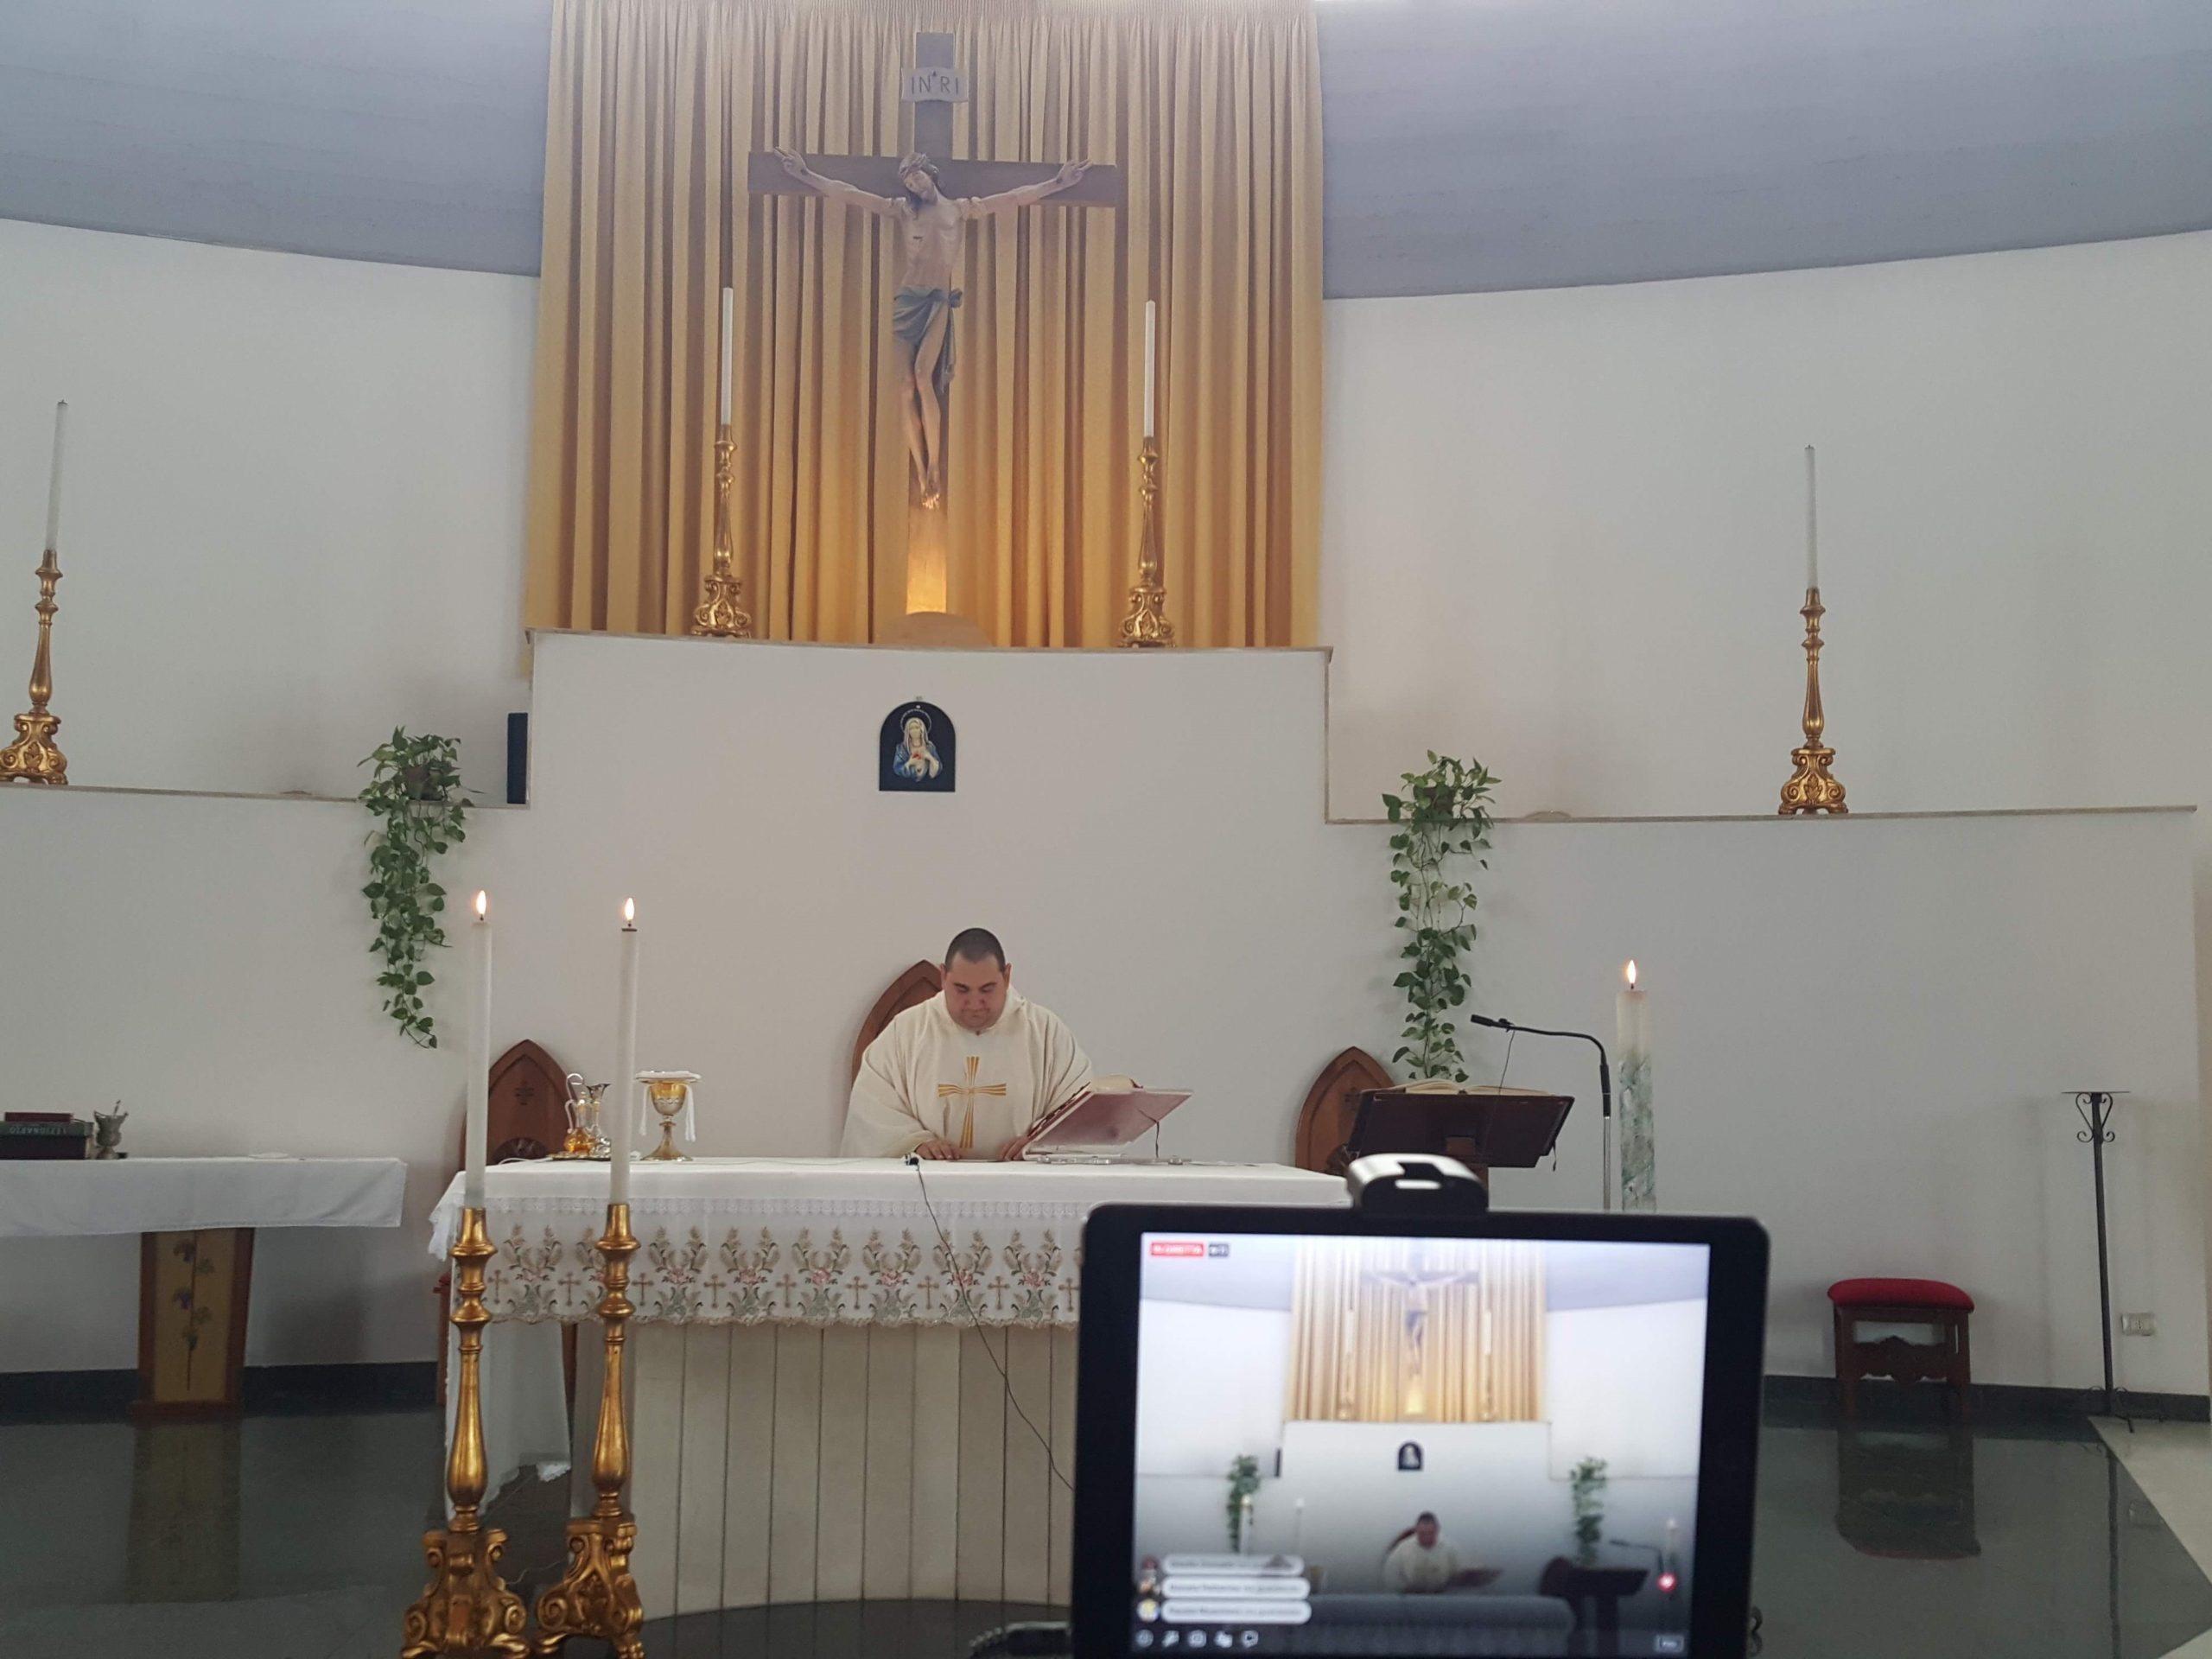 Carlentini, Santa Messa, tutte le domeniche, alle 20,  dalla Parrocchia Santa Tecla in diretta sui canali social